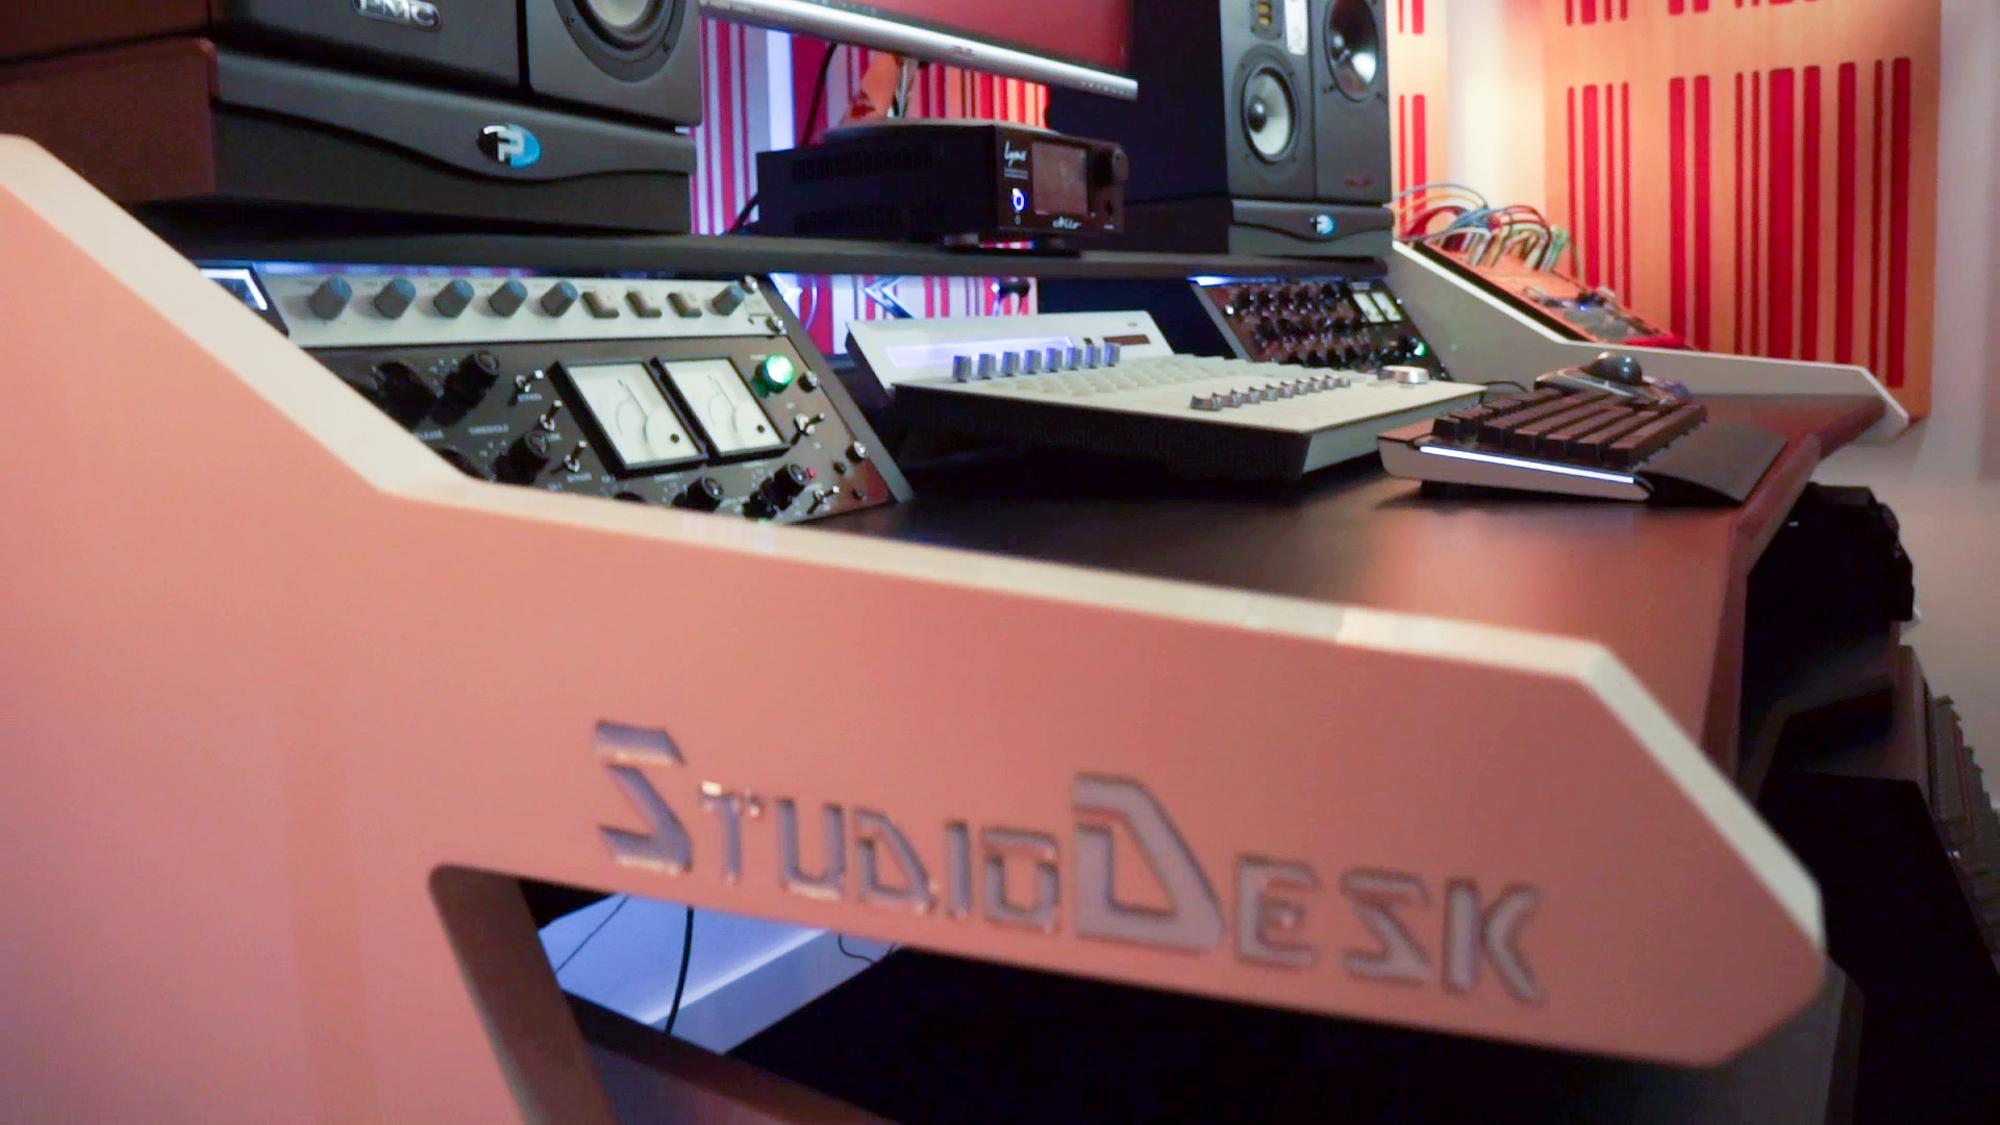 StudioDesk Music mander